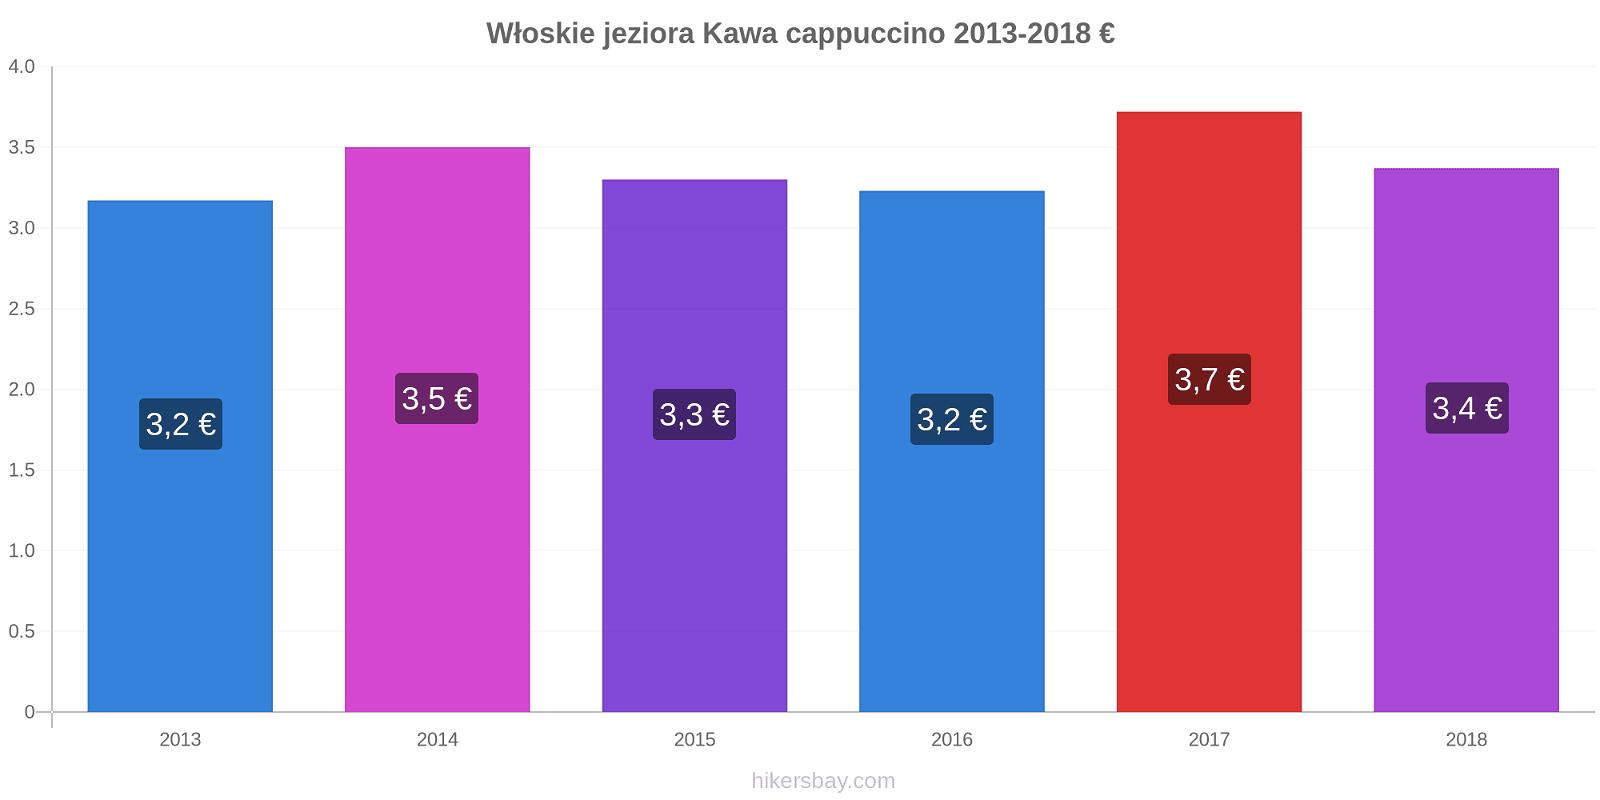 Włoskie jeziora zmiany cen Kawa cappuccino hikersbay.com